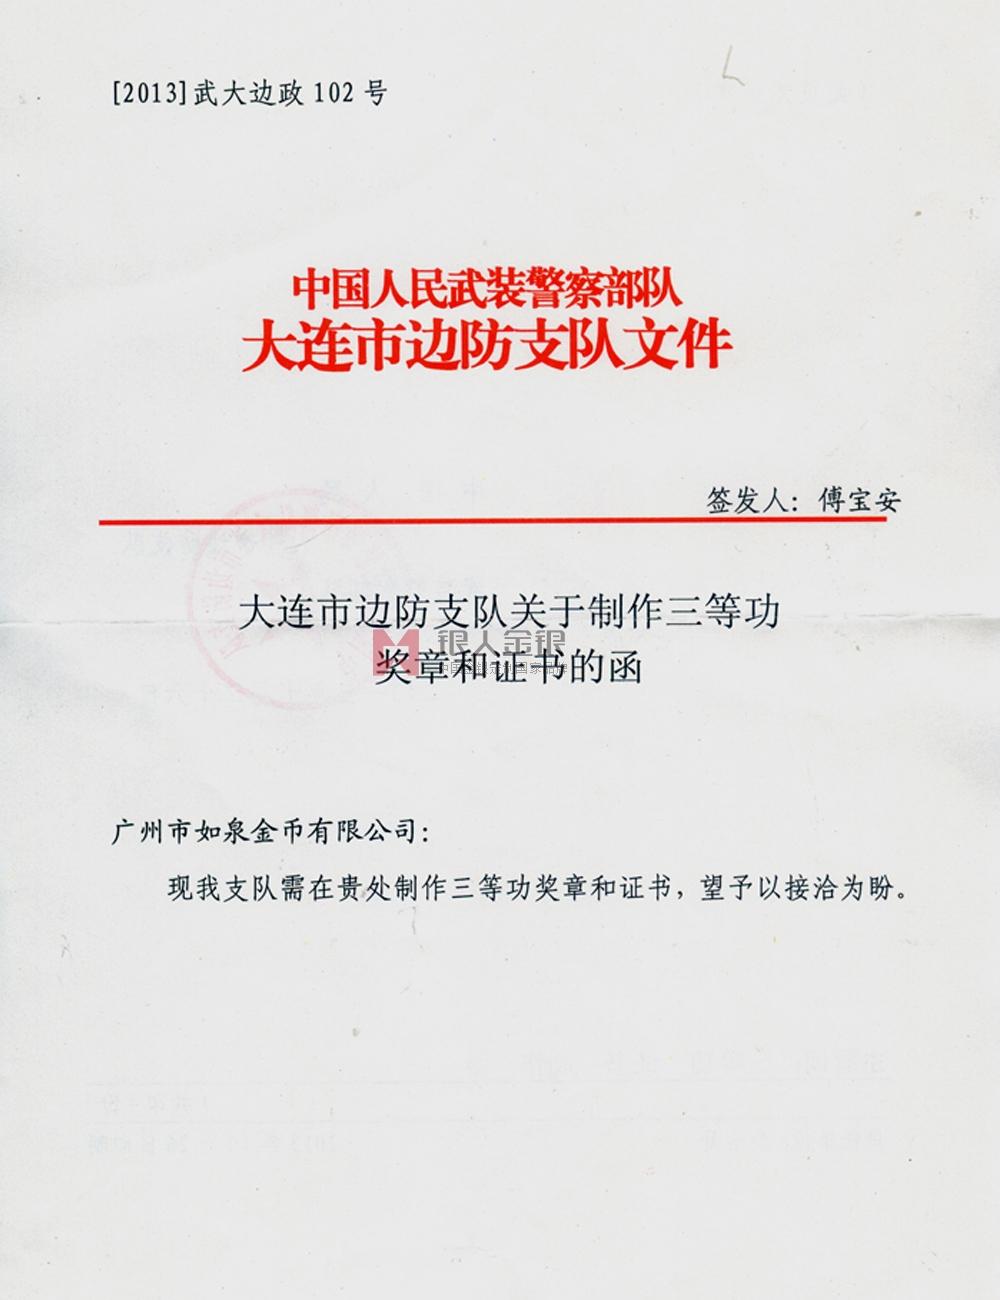 武警大连边防支队三等功奖章万博体育app官方下载